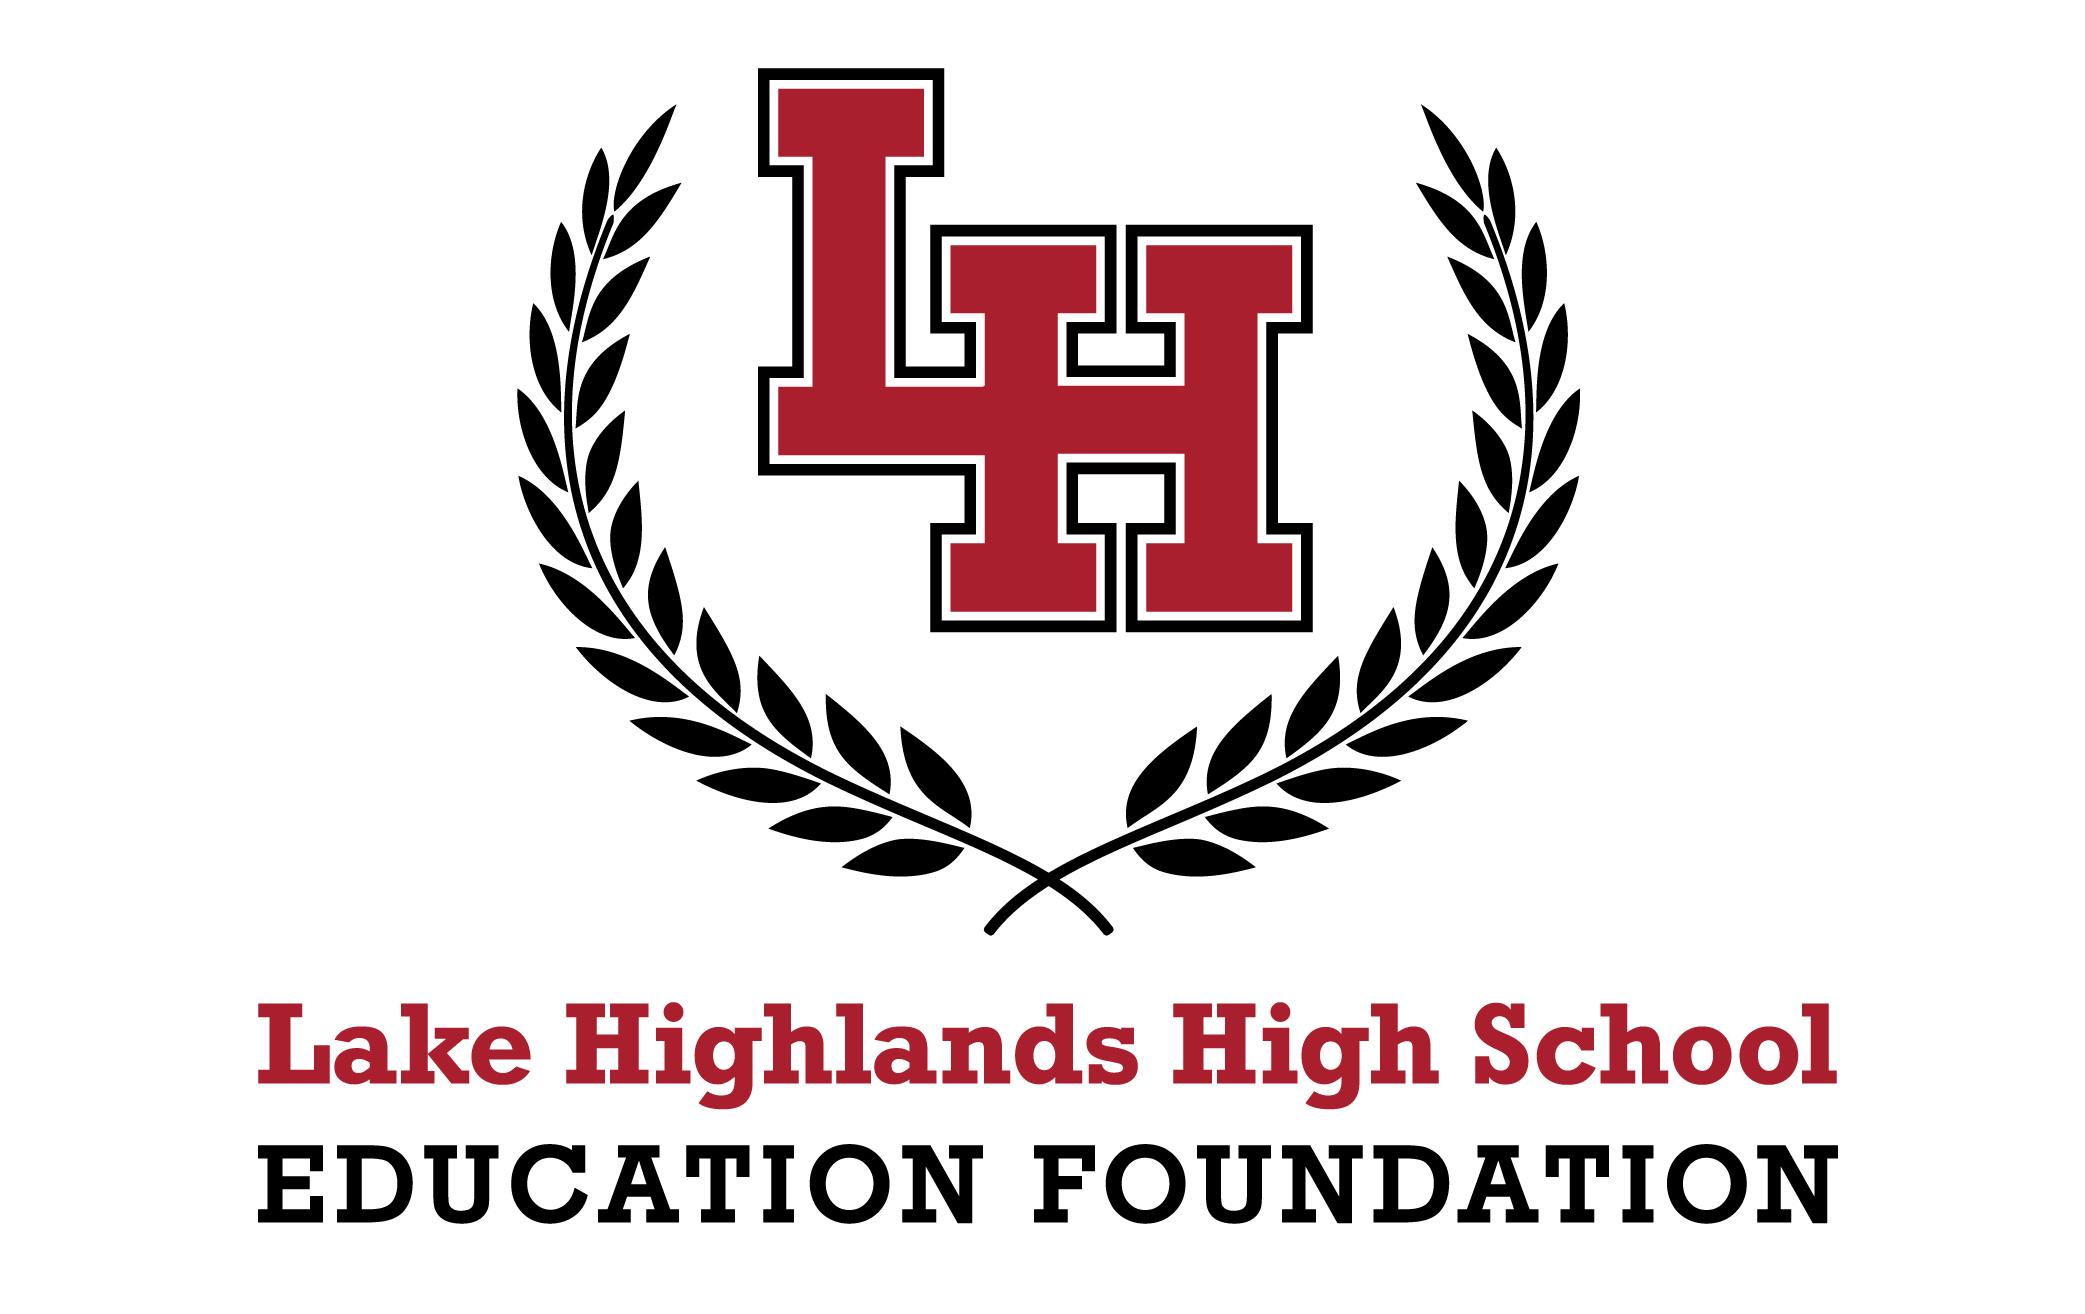 Lake Highlands High School Education Foundation (LHHSEF)